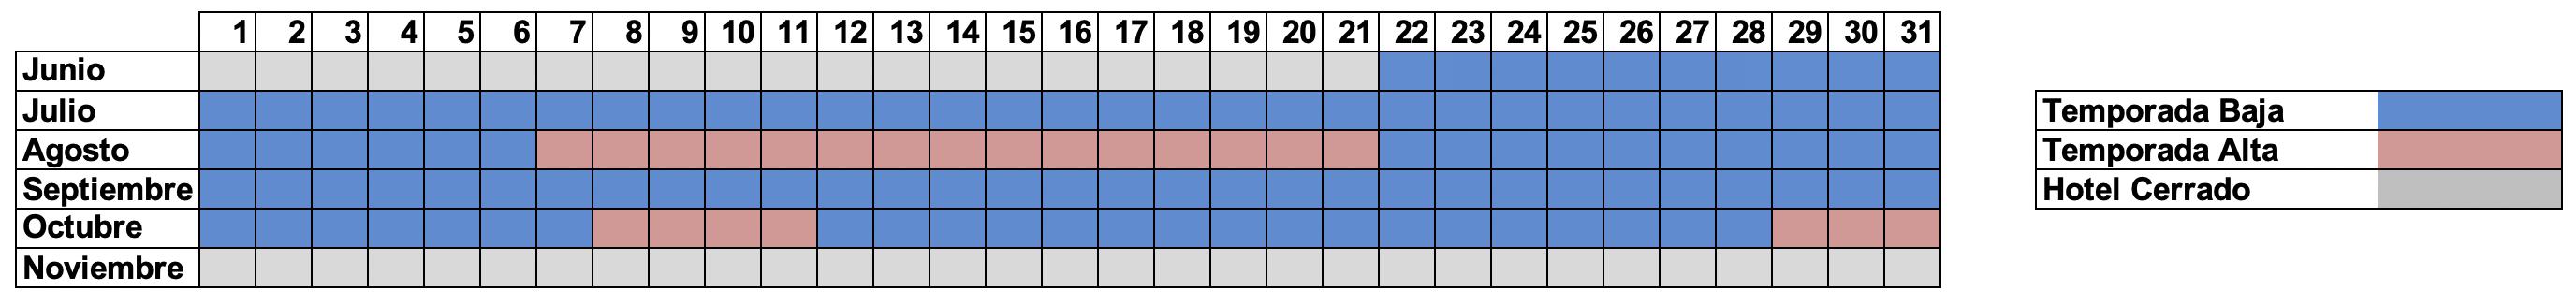 Calendario verano 2021